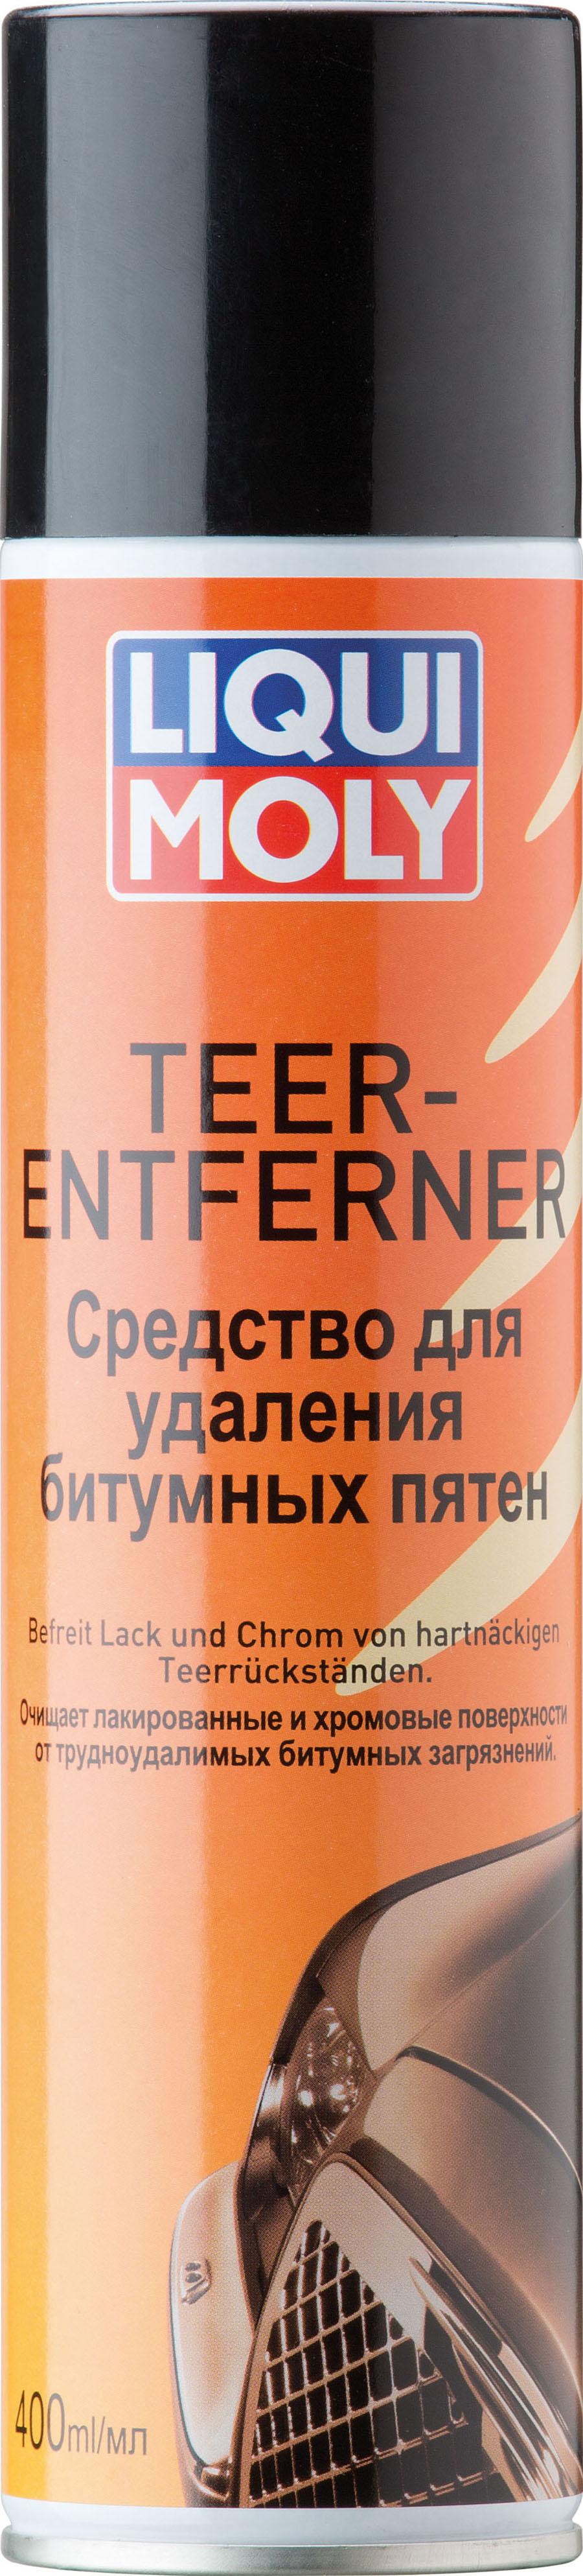 Средство для удаления битумных пятен Teer-Entferner